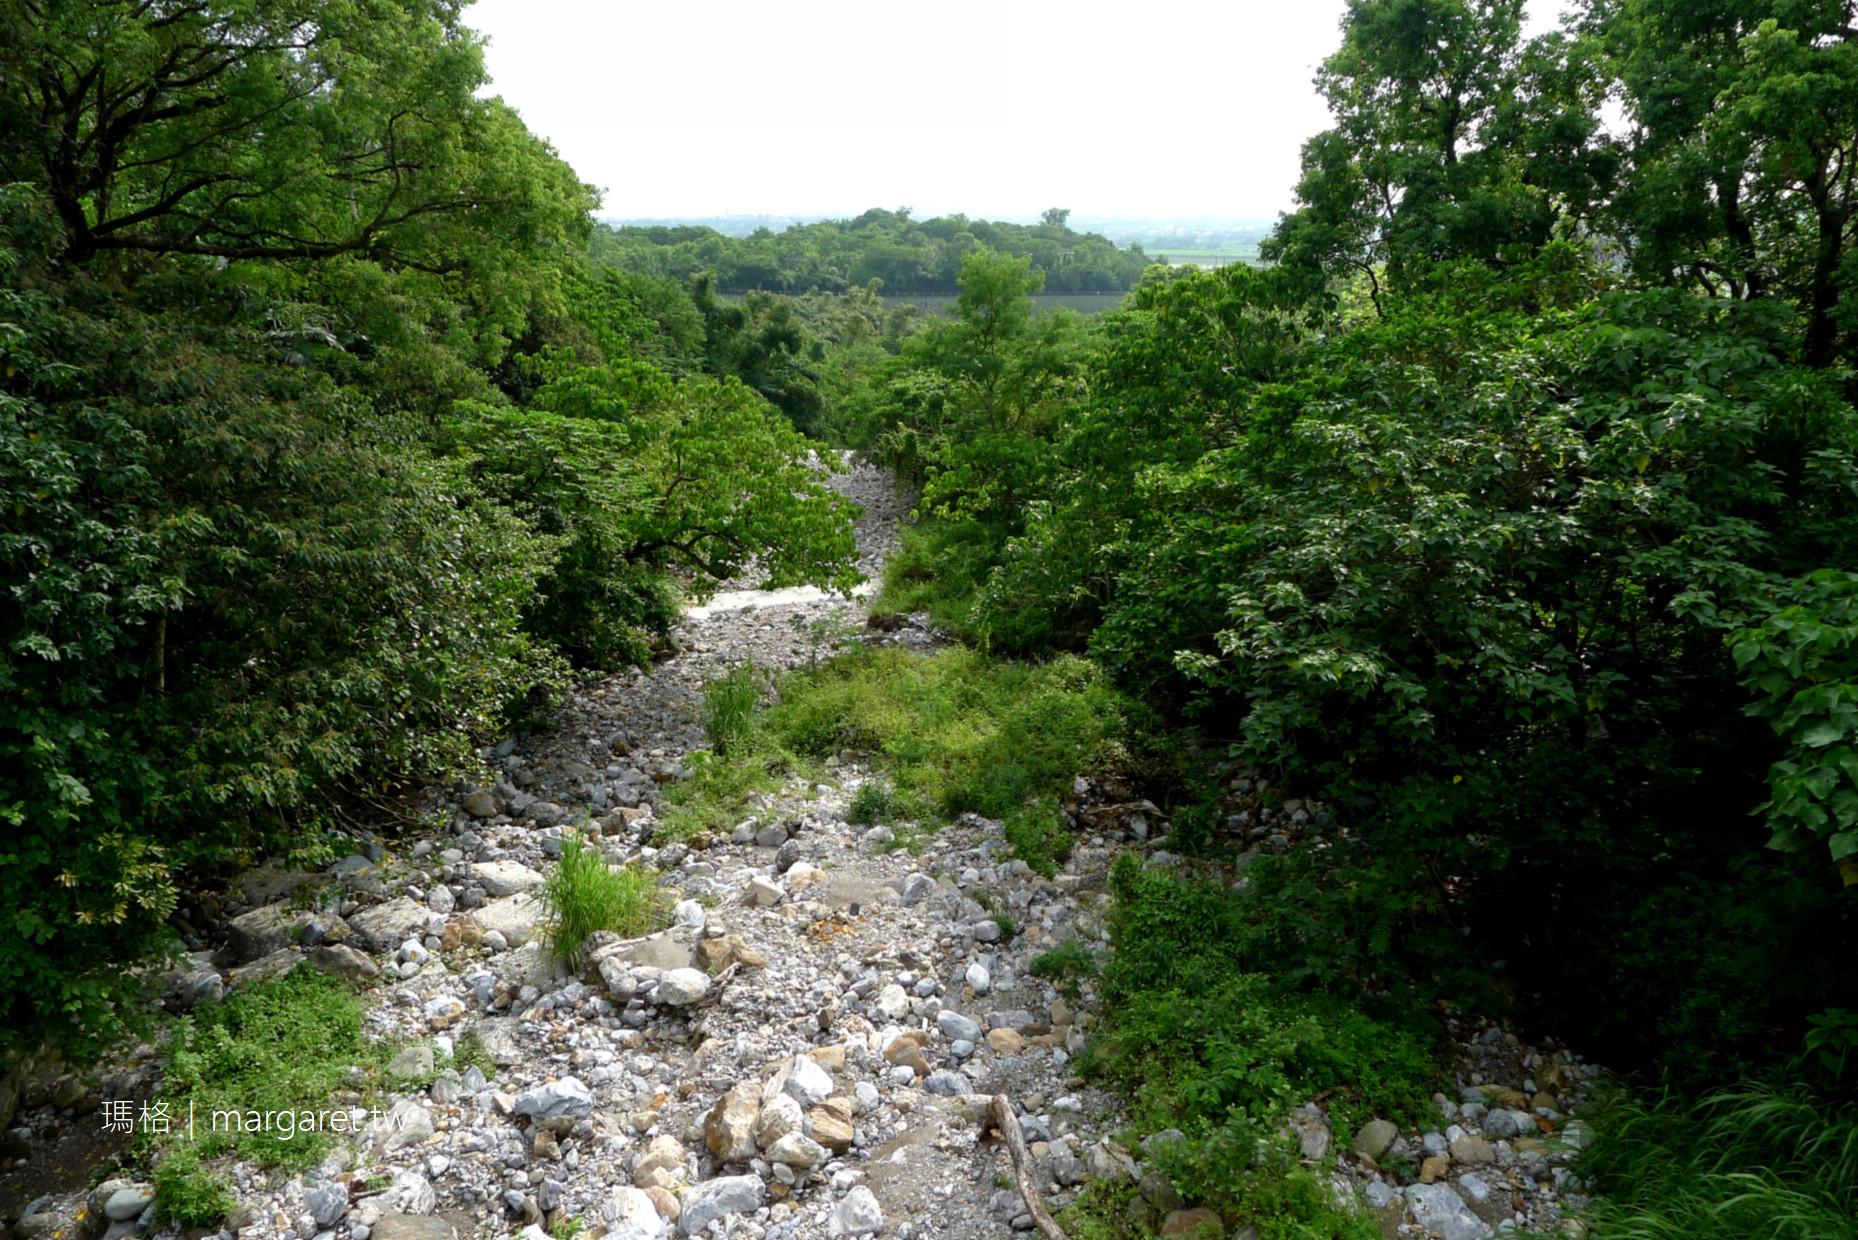 撒固兒步道。花蓮愛情步道|步行570公尺即可看見瀑布